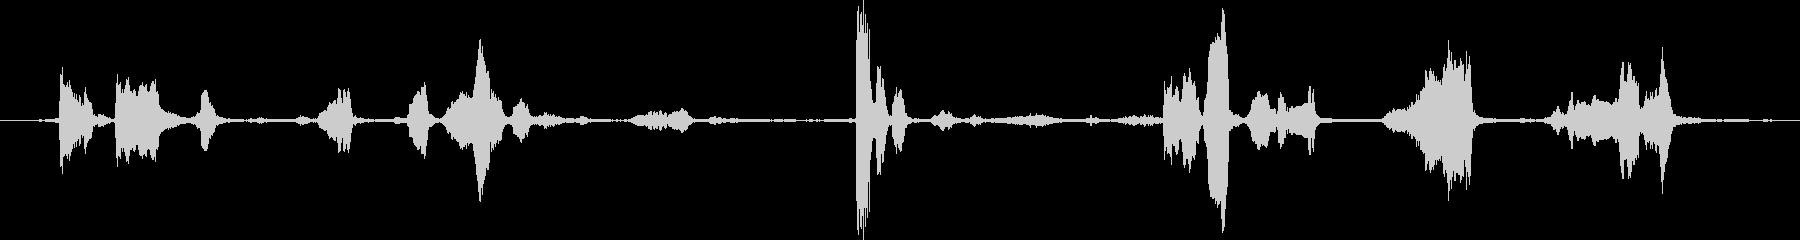 灰色のオウムの小グループ:発声、鳥の未再生の波形